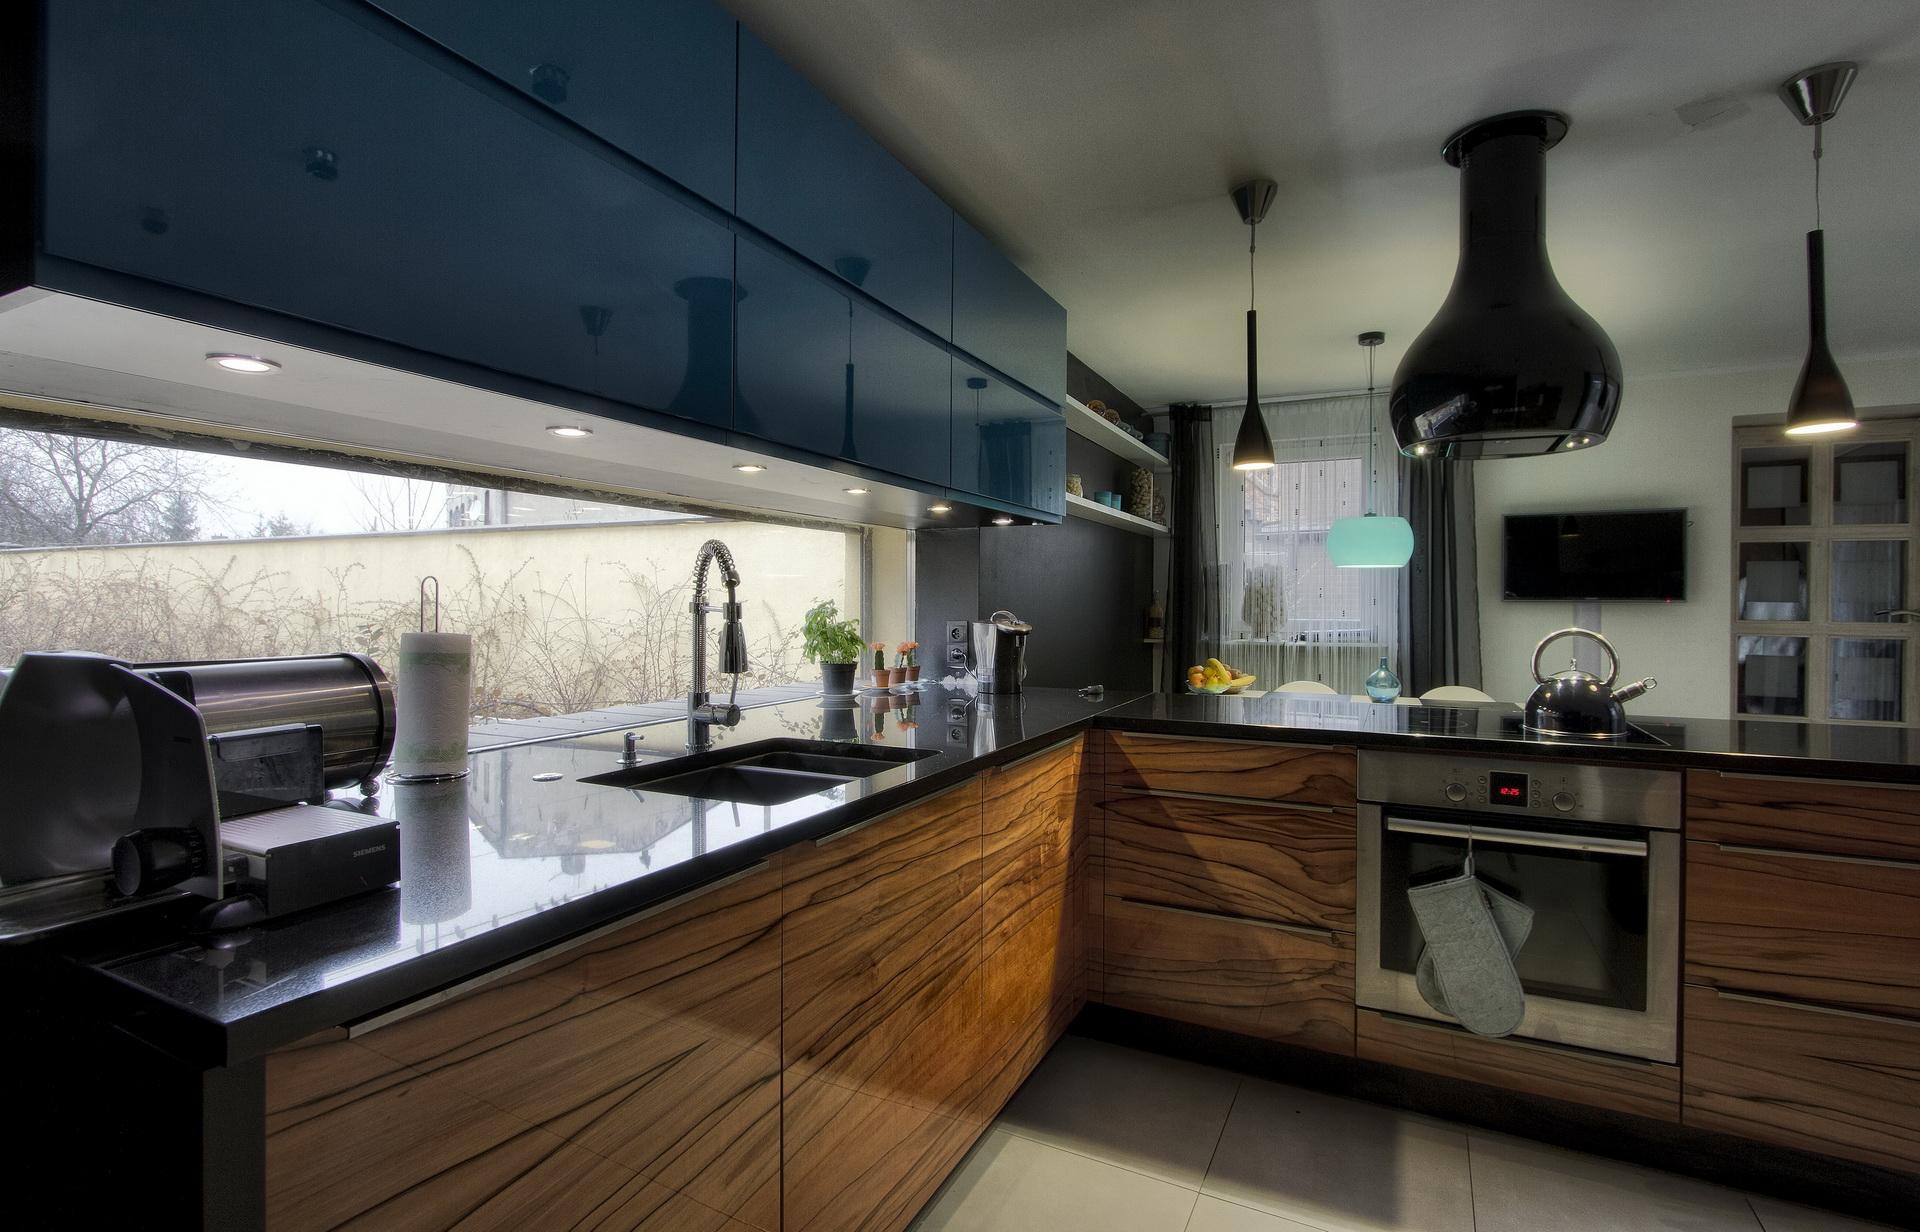 Kuchnia 6  Lagos Meble -> Kuchnie Z Fornirem